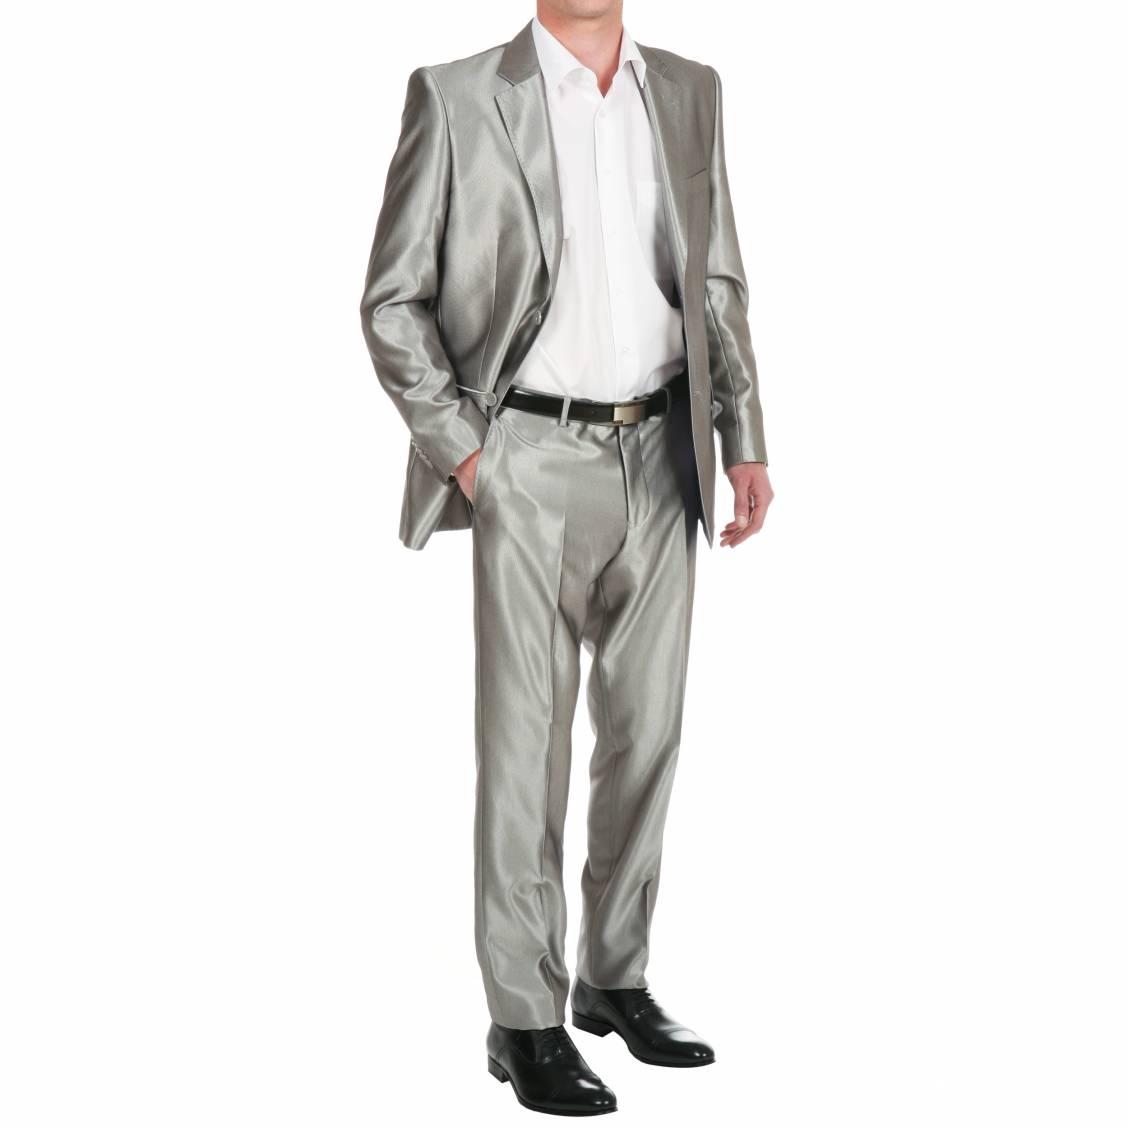 costume homme toute la collection de costumes homme rue des hommes. Black Bedroom Furniture Sets. Home Design Ideas